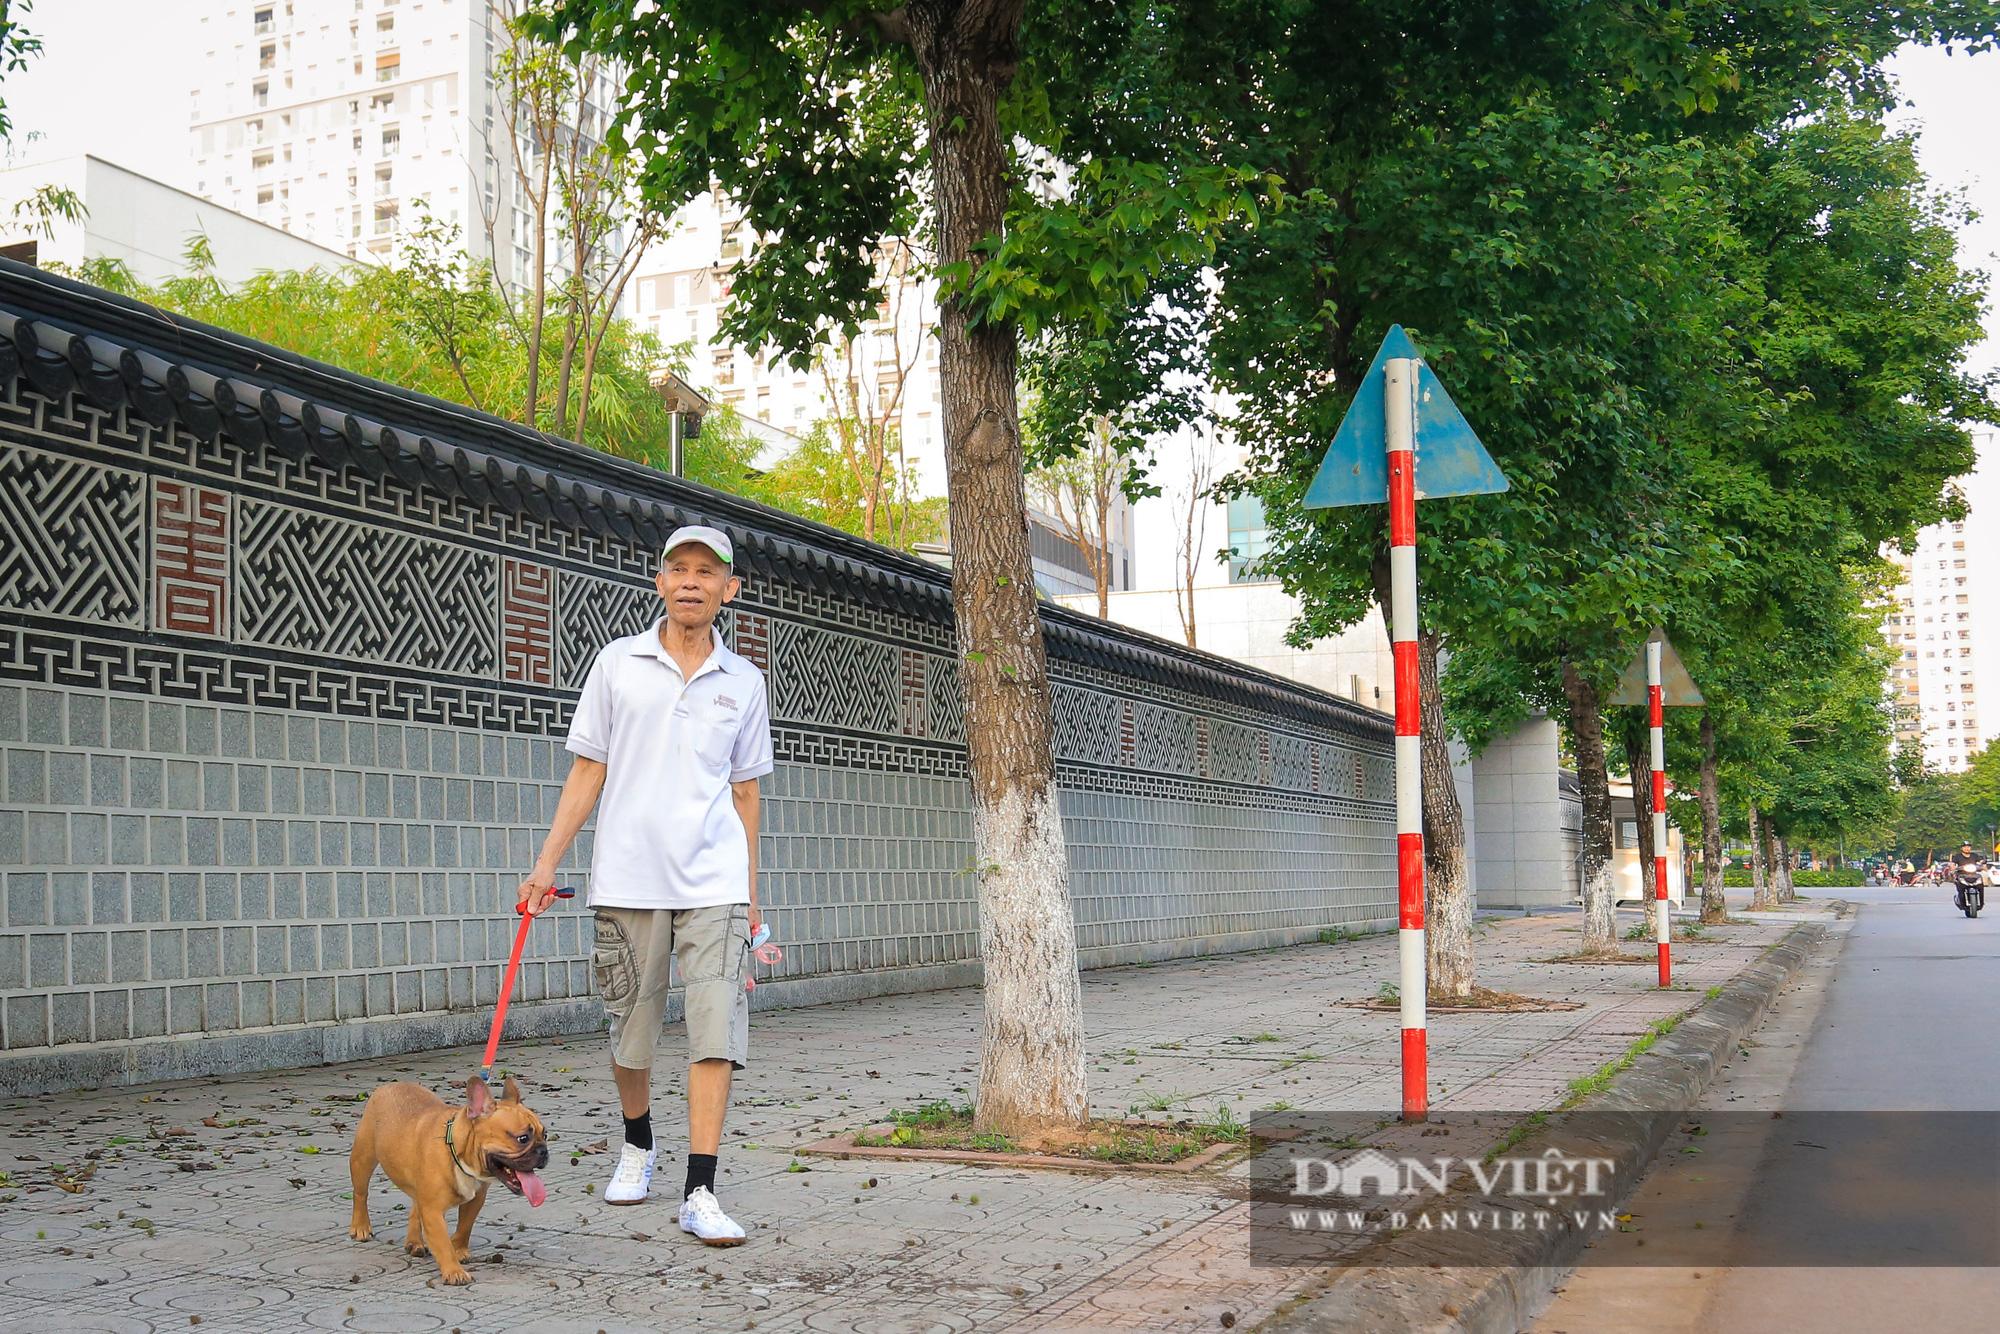 Ngỡ ngàng loài cây giống hệt phong lá đỏ xanh tốt giữa phố Hà Nội - Ảnh 9.